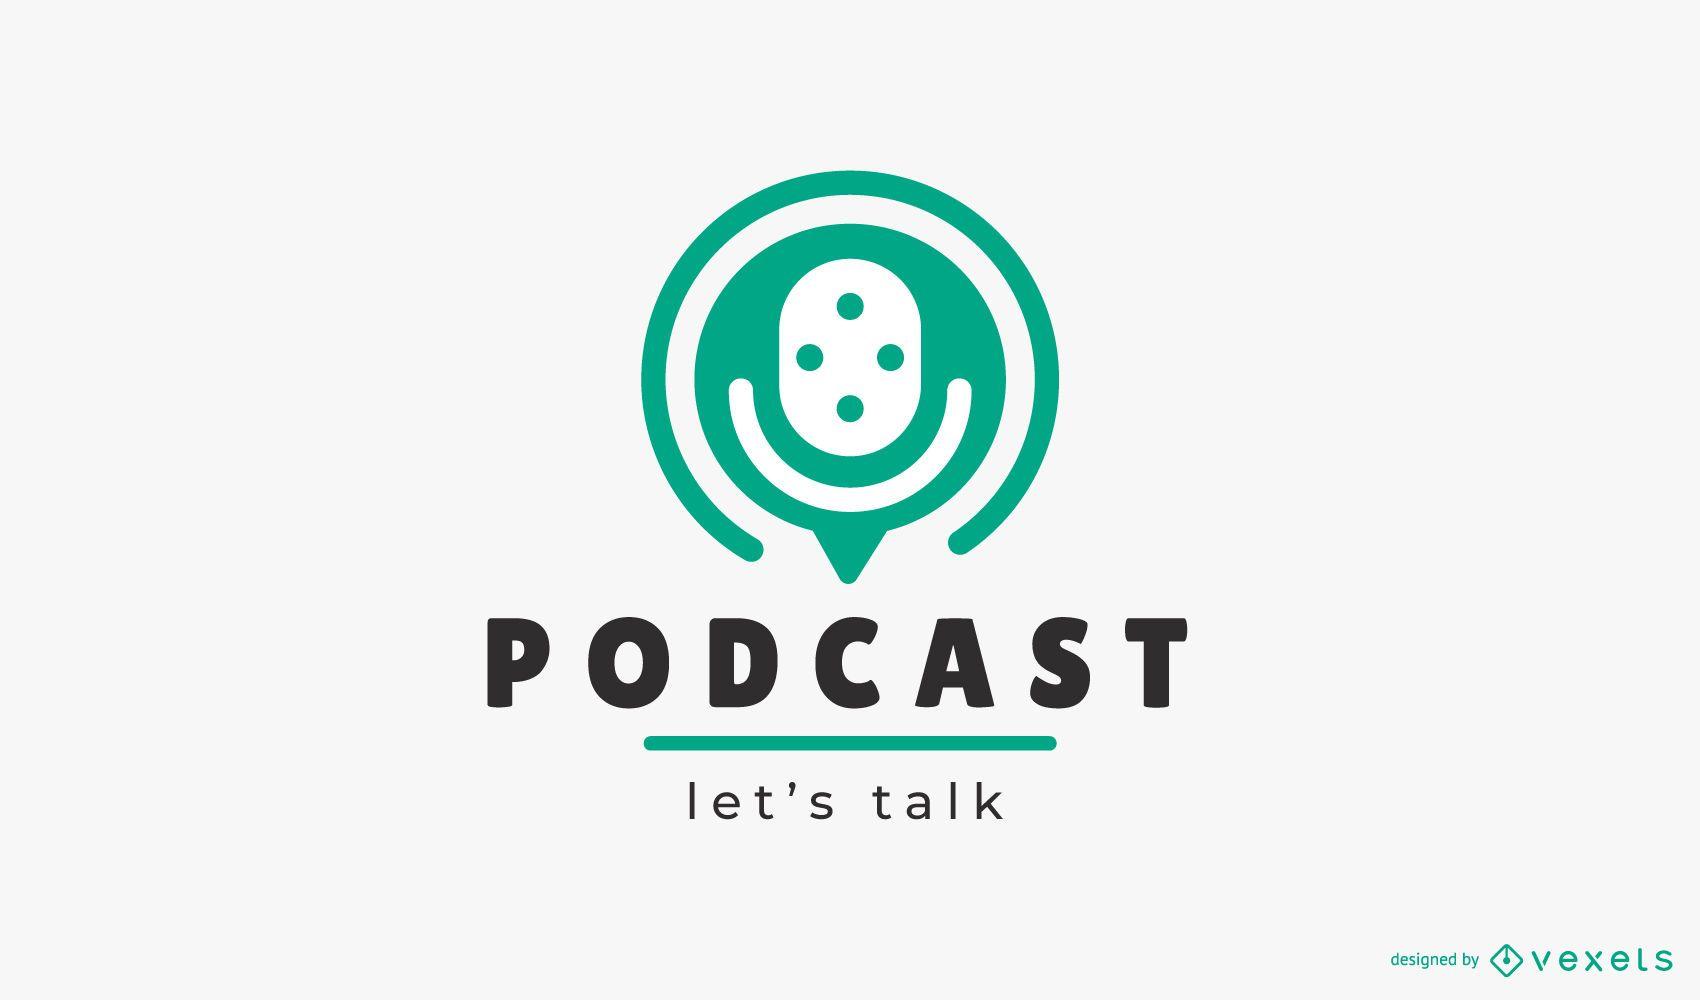 Podcast hablemos plantilla de logotipo